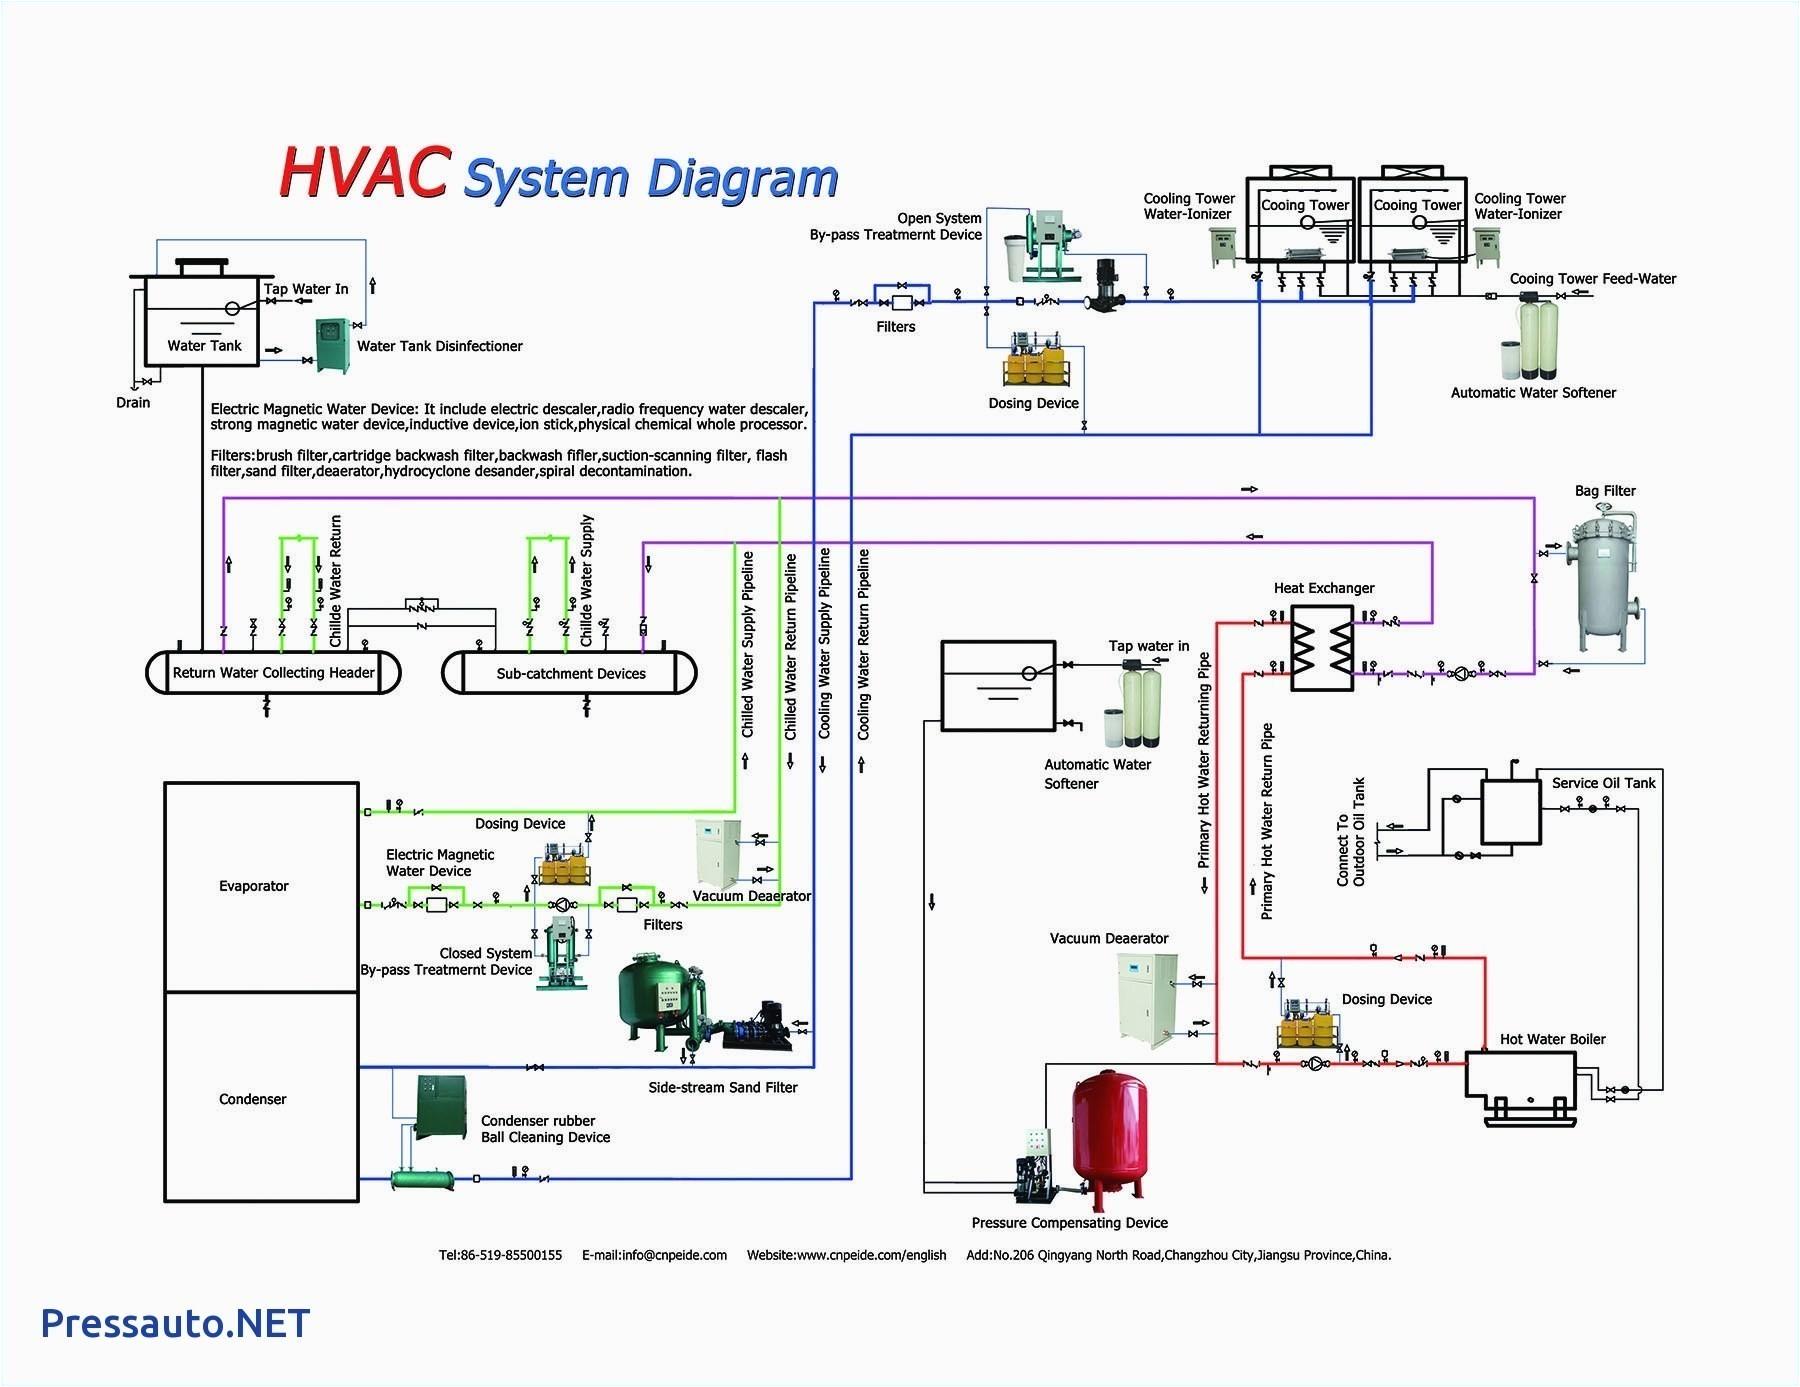 patton fan motor wiring diagrams wiring librarywiring diagram fasco motors new wiring diagram for fasco blower